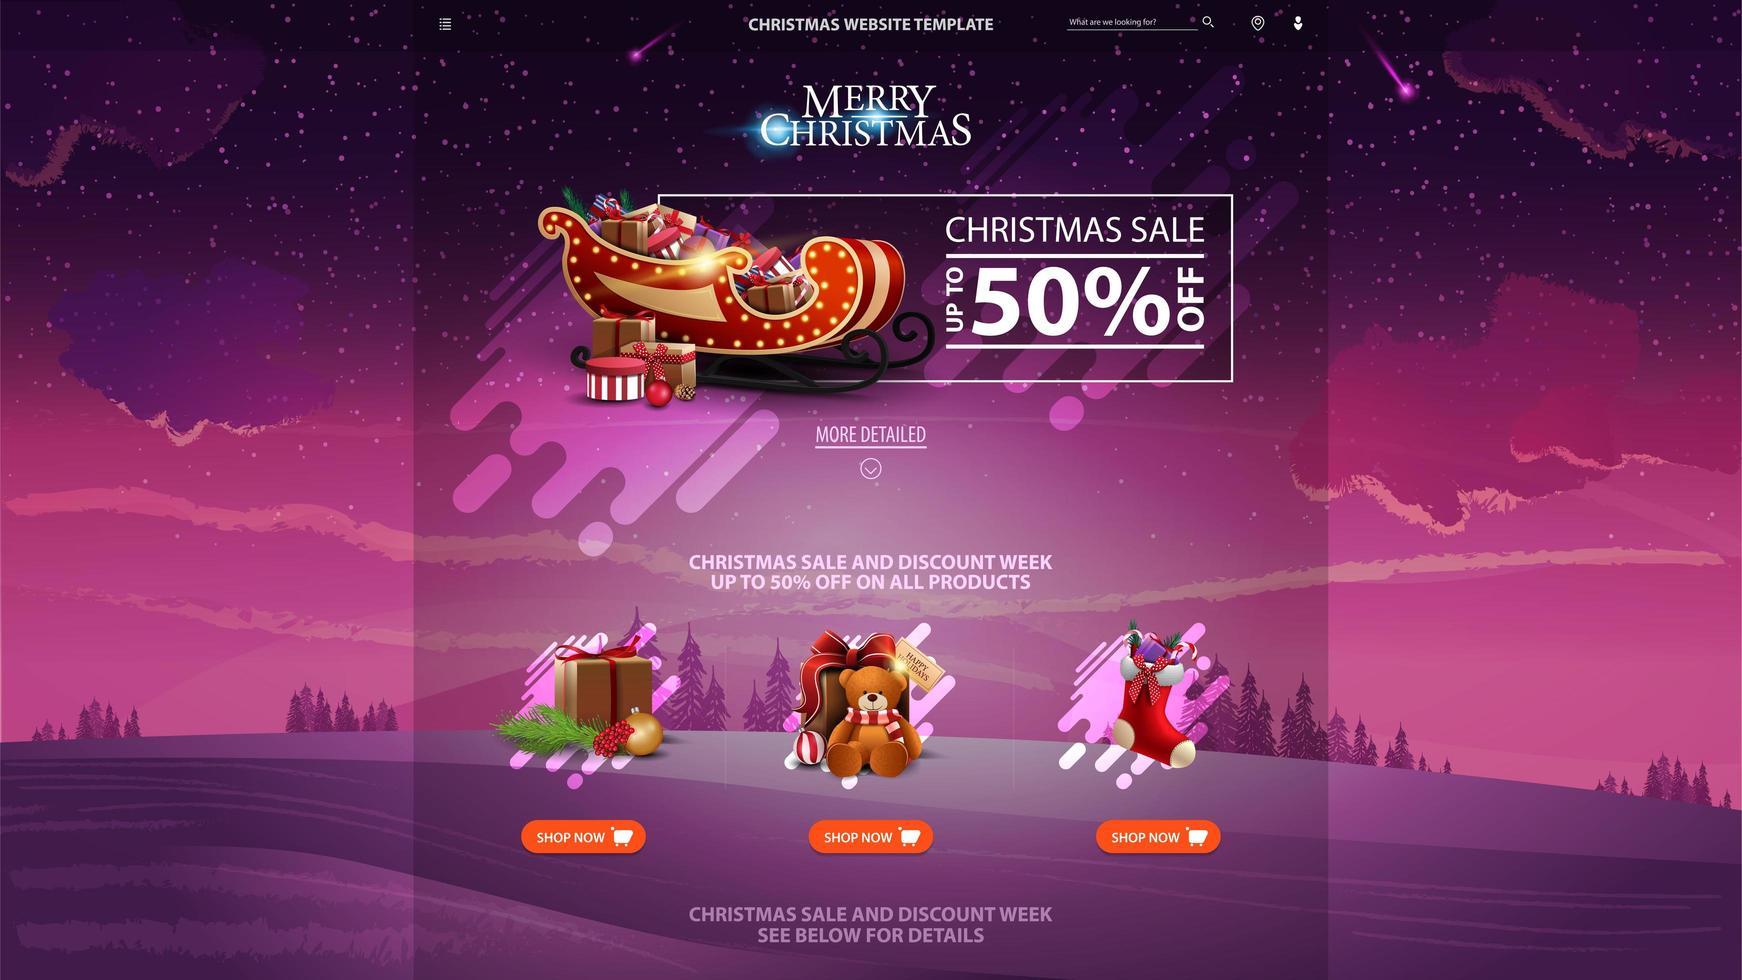 Weihnachtsverkauf Design-Website-Vorlage mit Rabatt Banner, schöne Ikonen und Winterlandschaft auf dem Hintergrund vektor